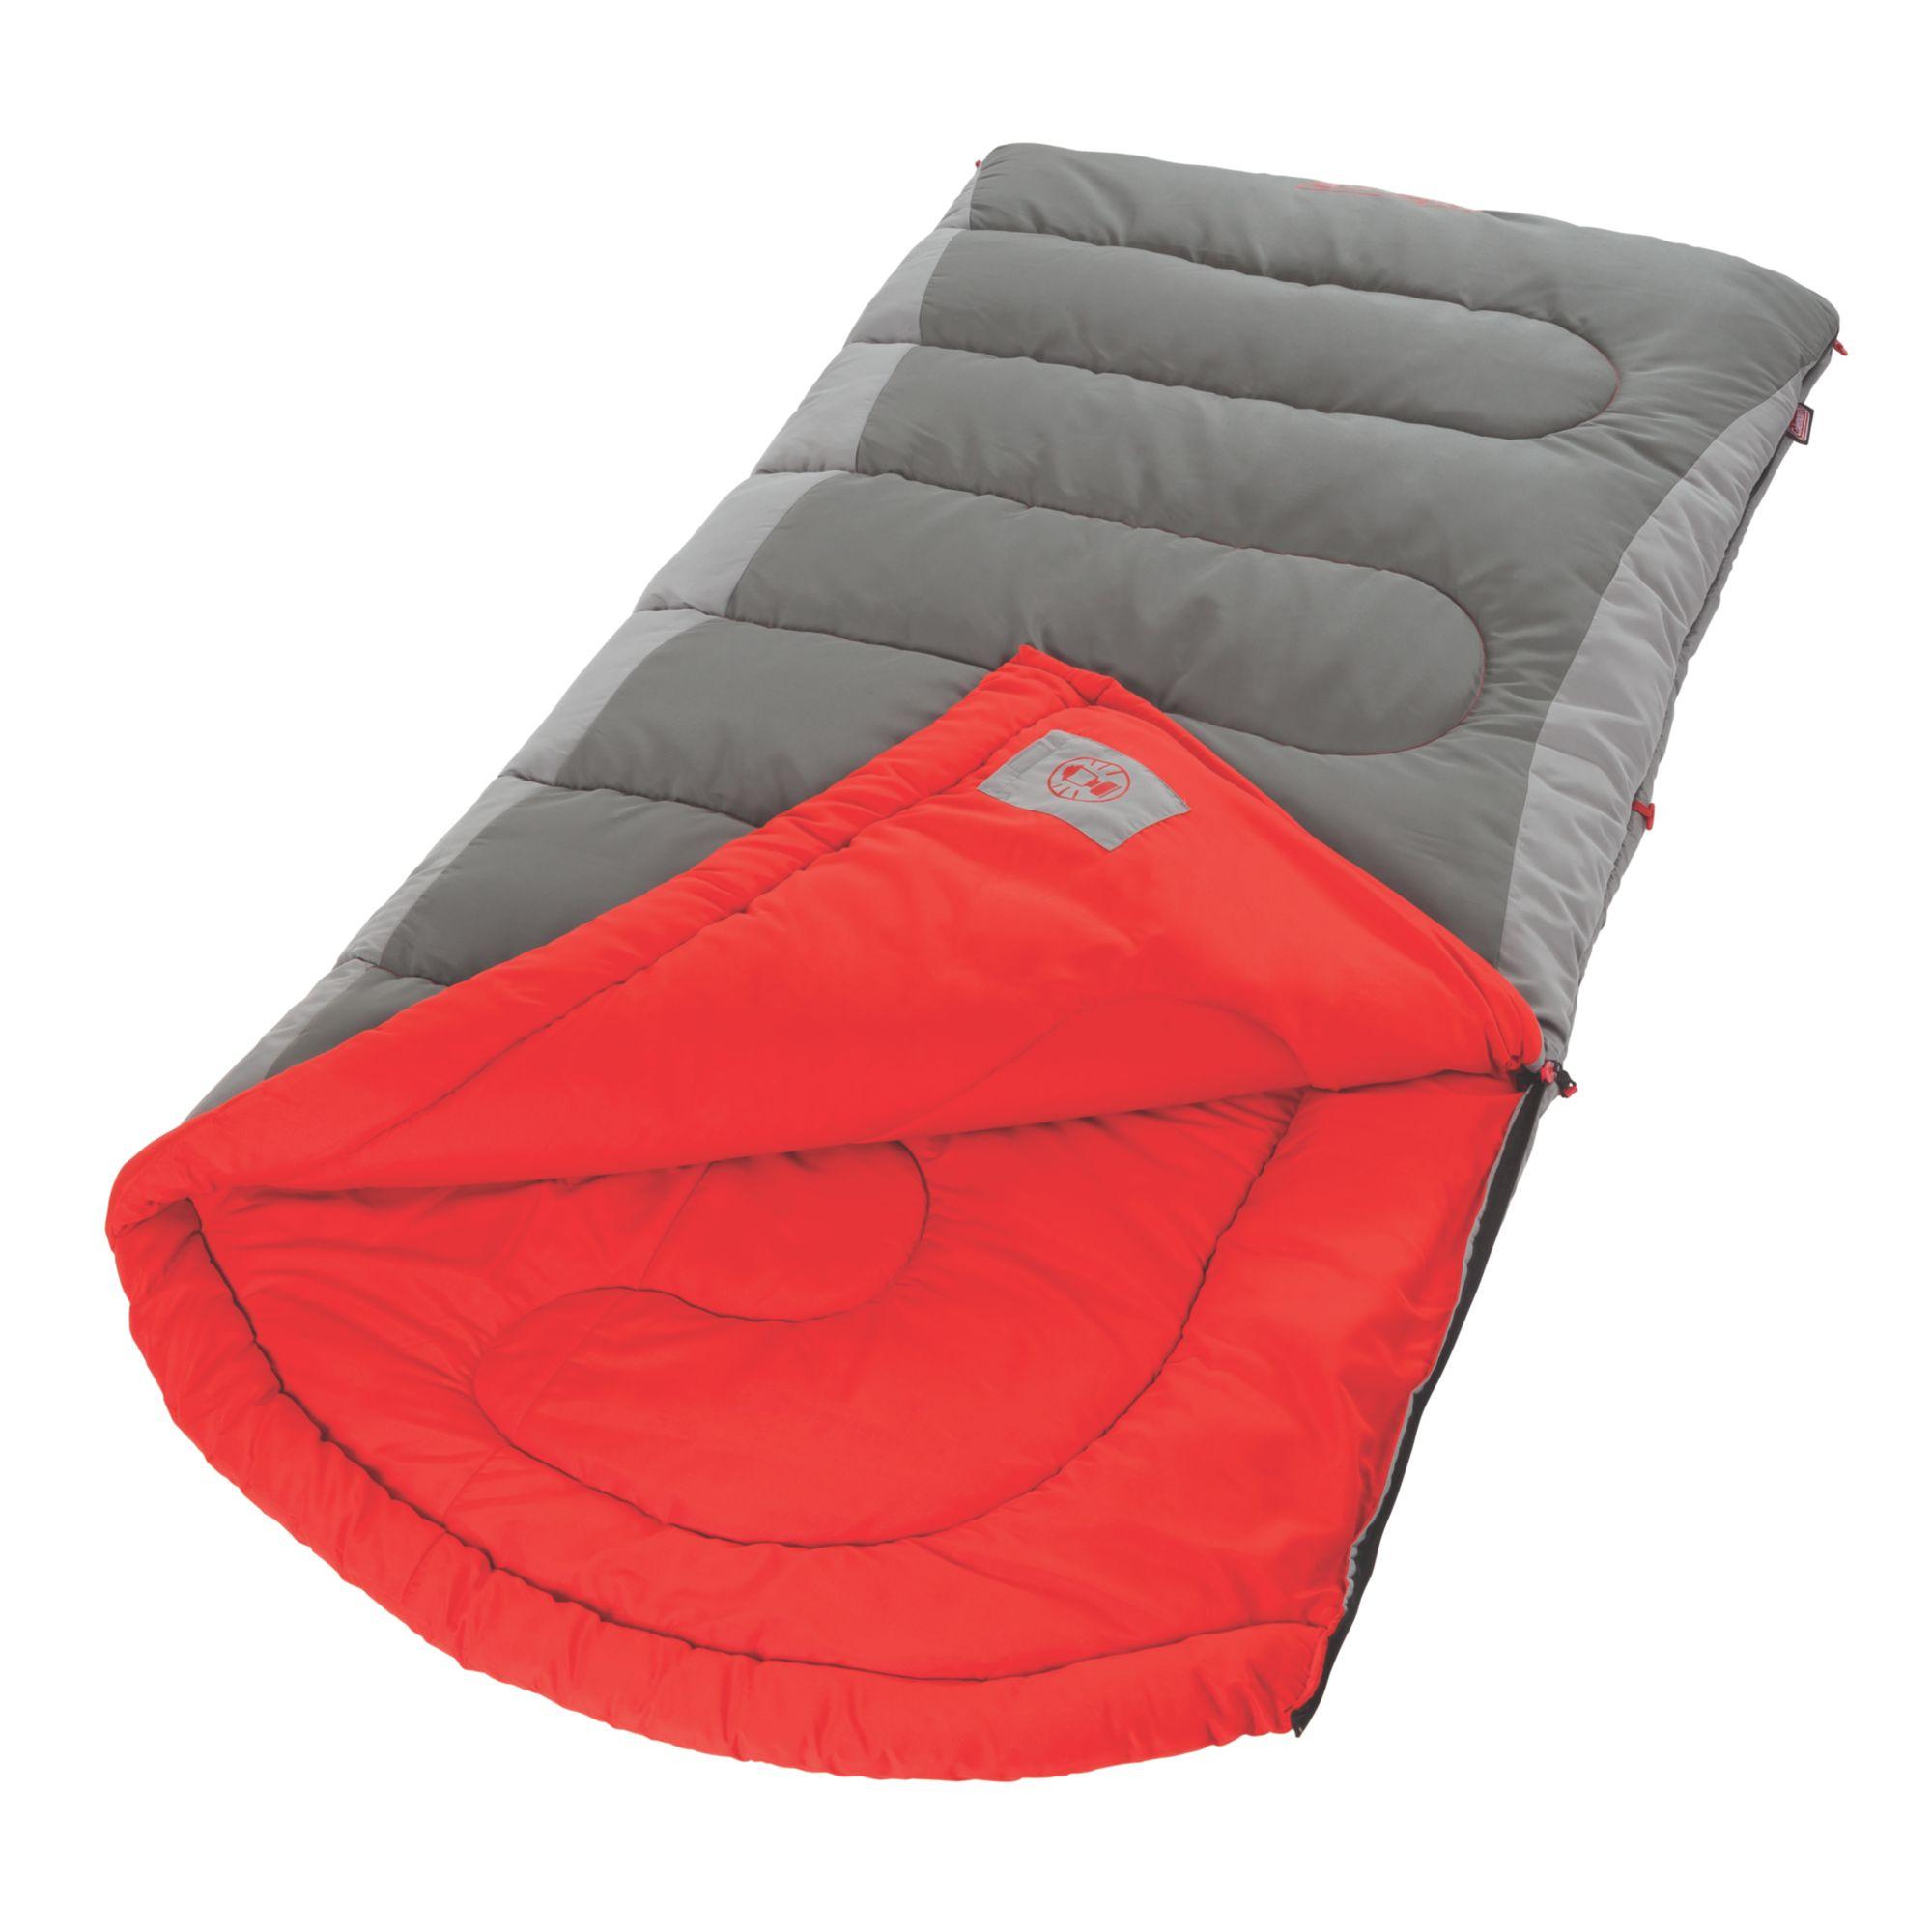 Dexter PointTM 50 Big Tall Sleeping Bag